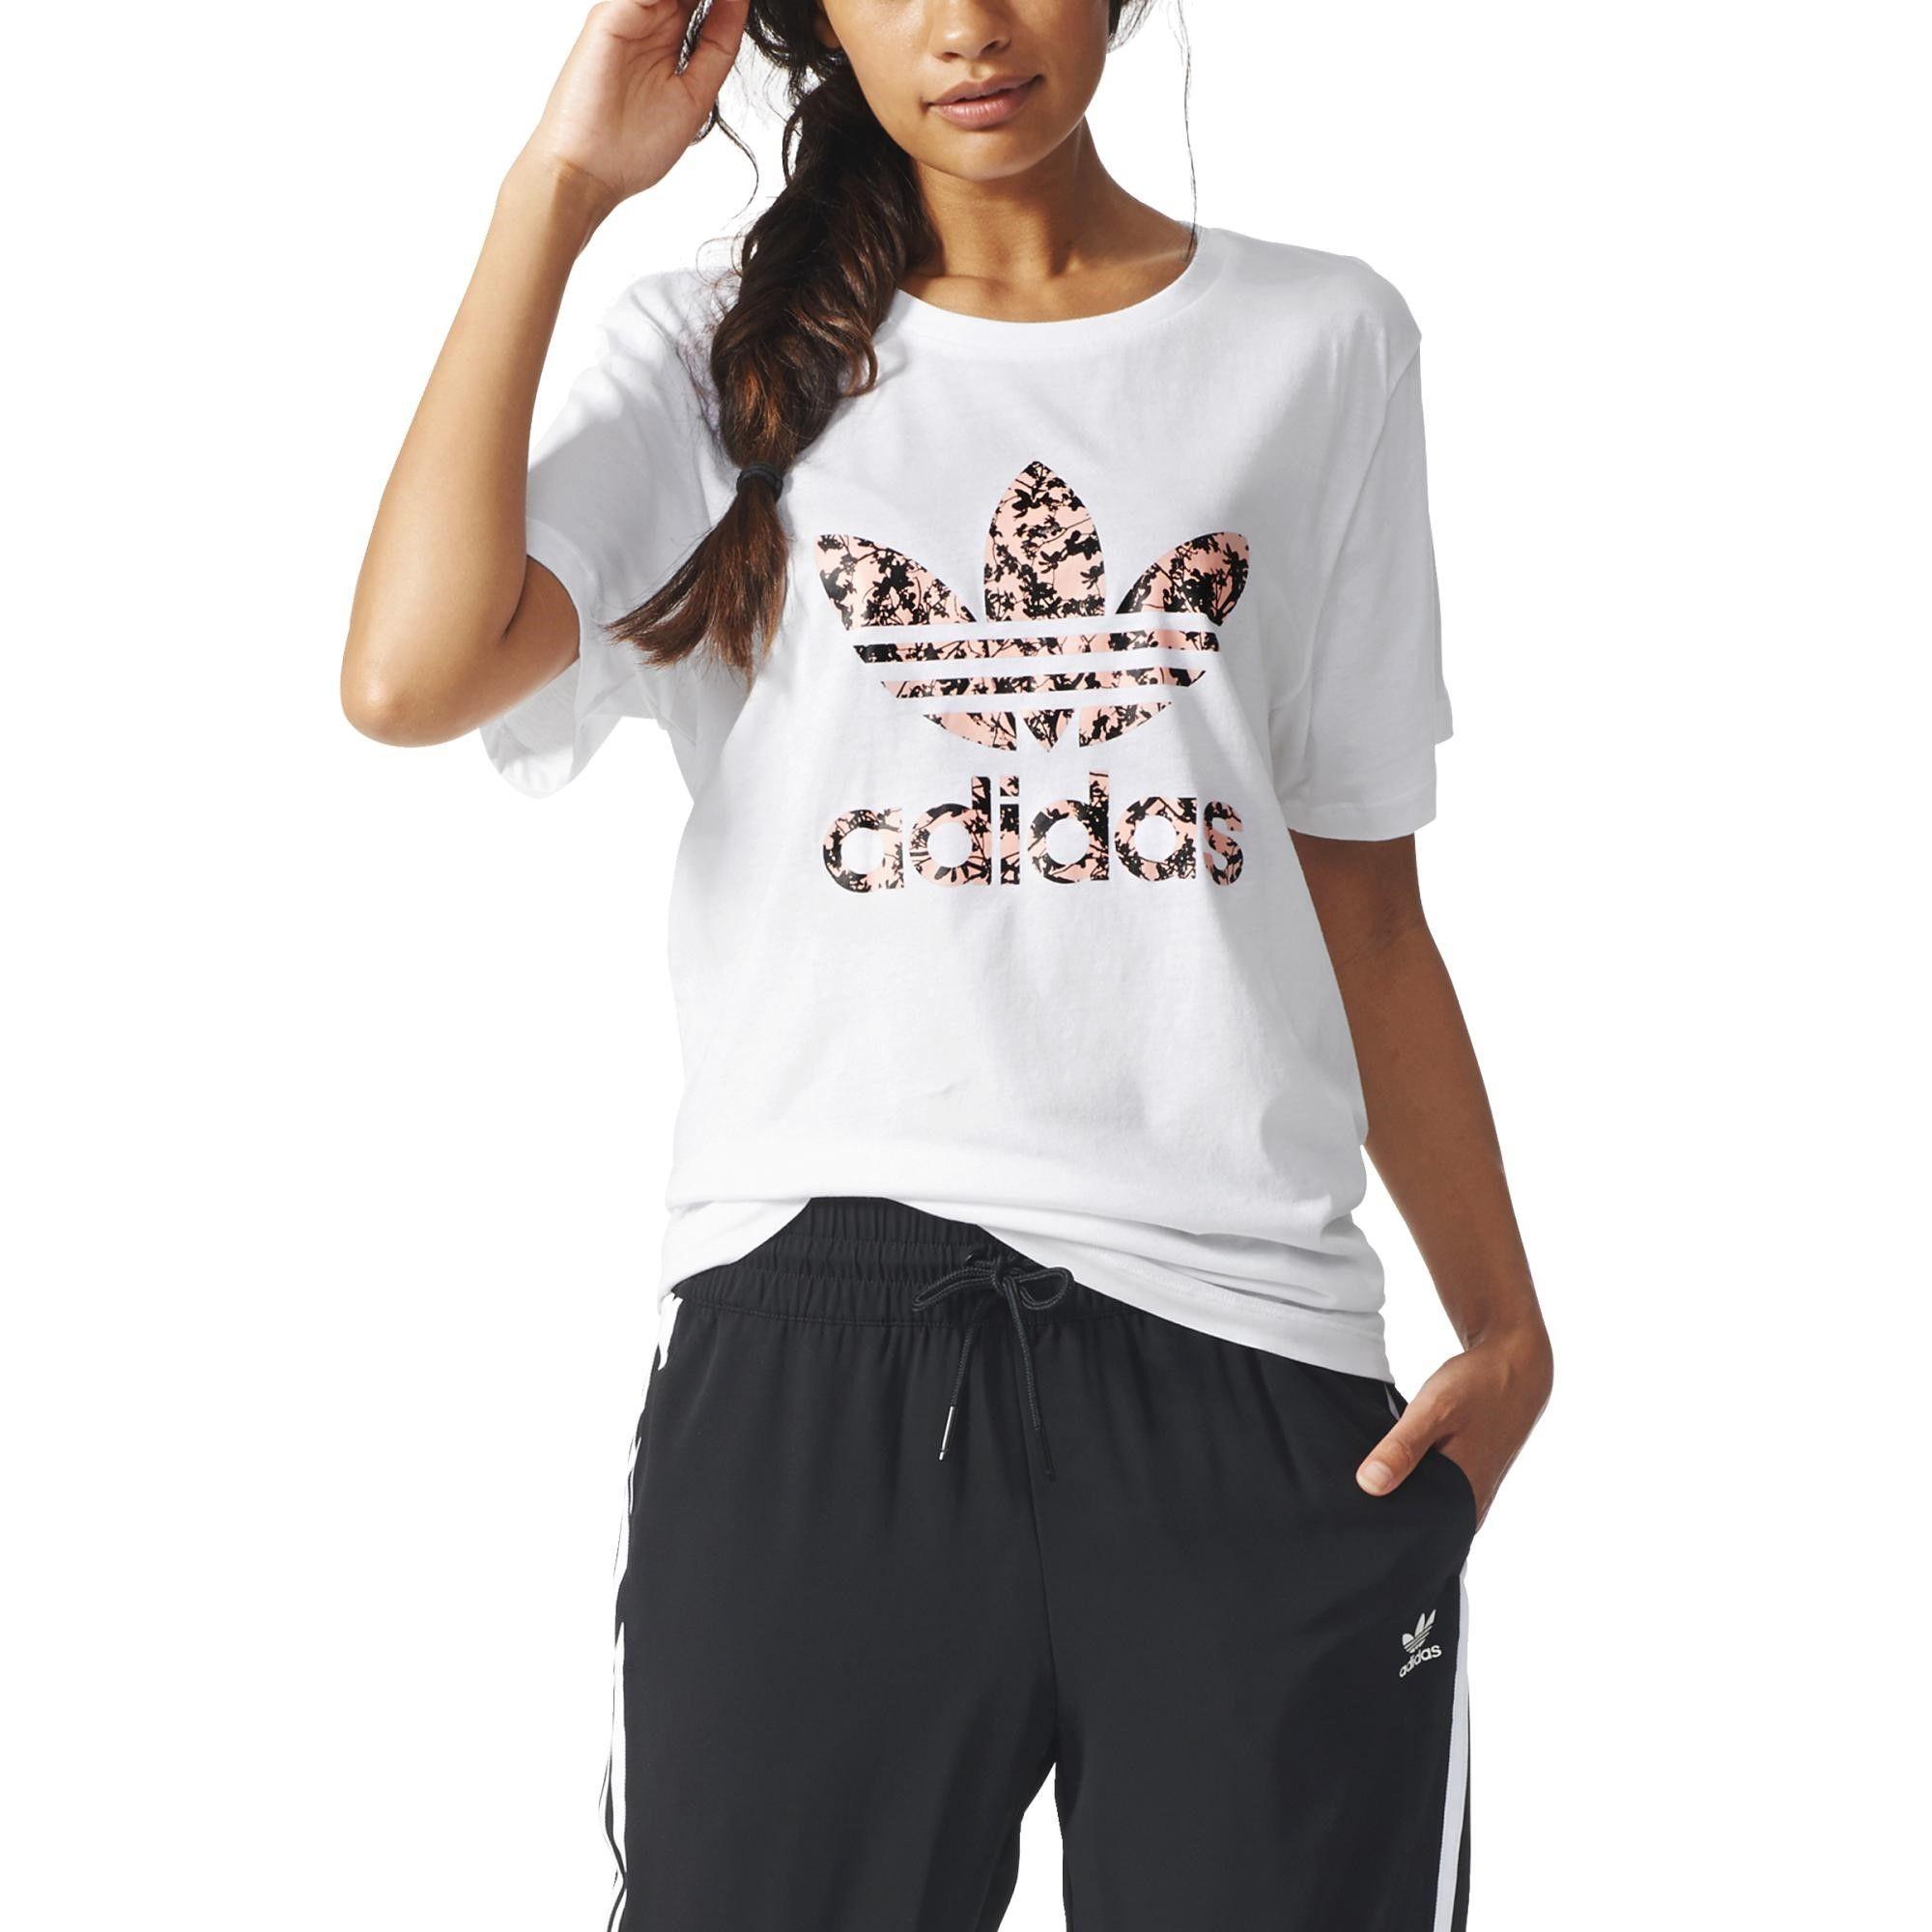 Kadin Bayan Tisort Adidas Adidas Bayan T Shirt Bf Trefoil Tee 00 Kadin Kadin Giyim Tisort